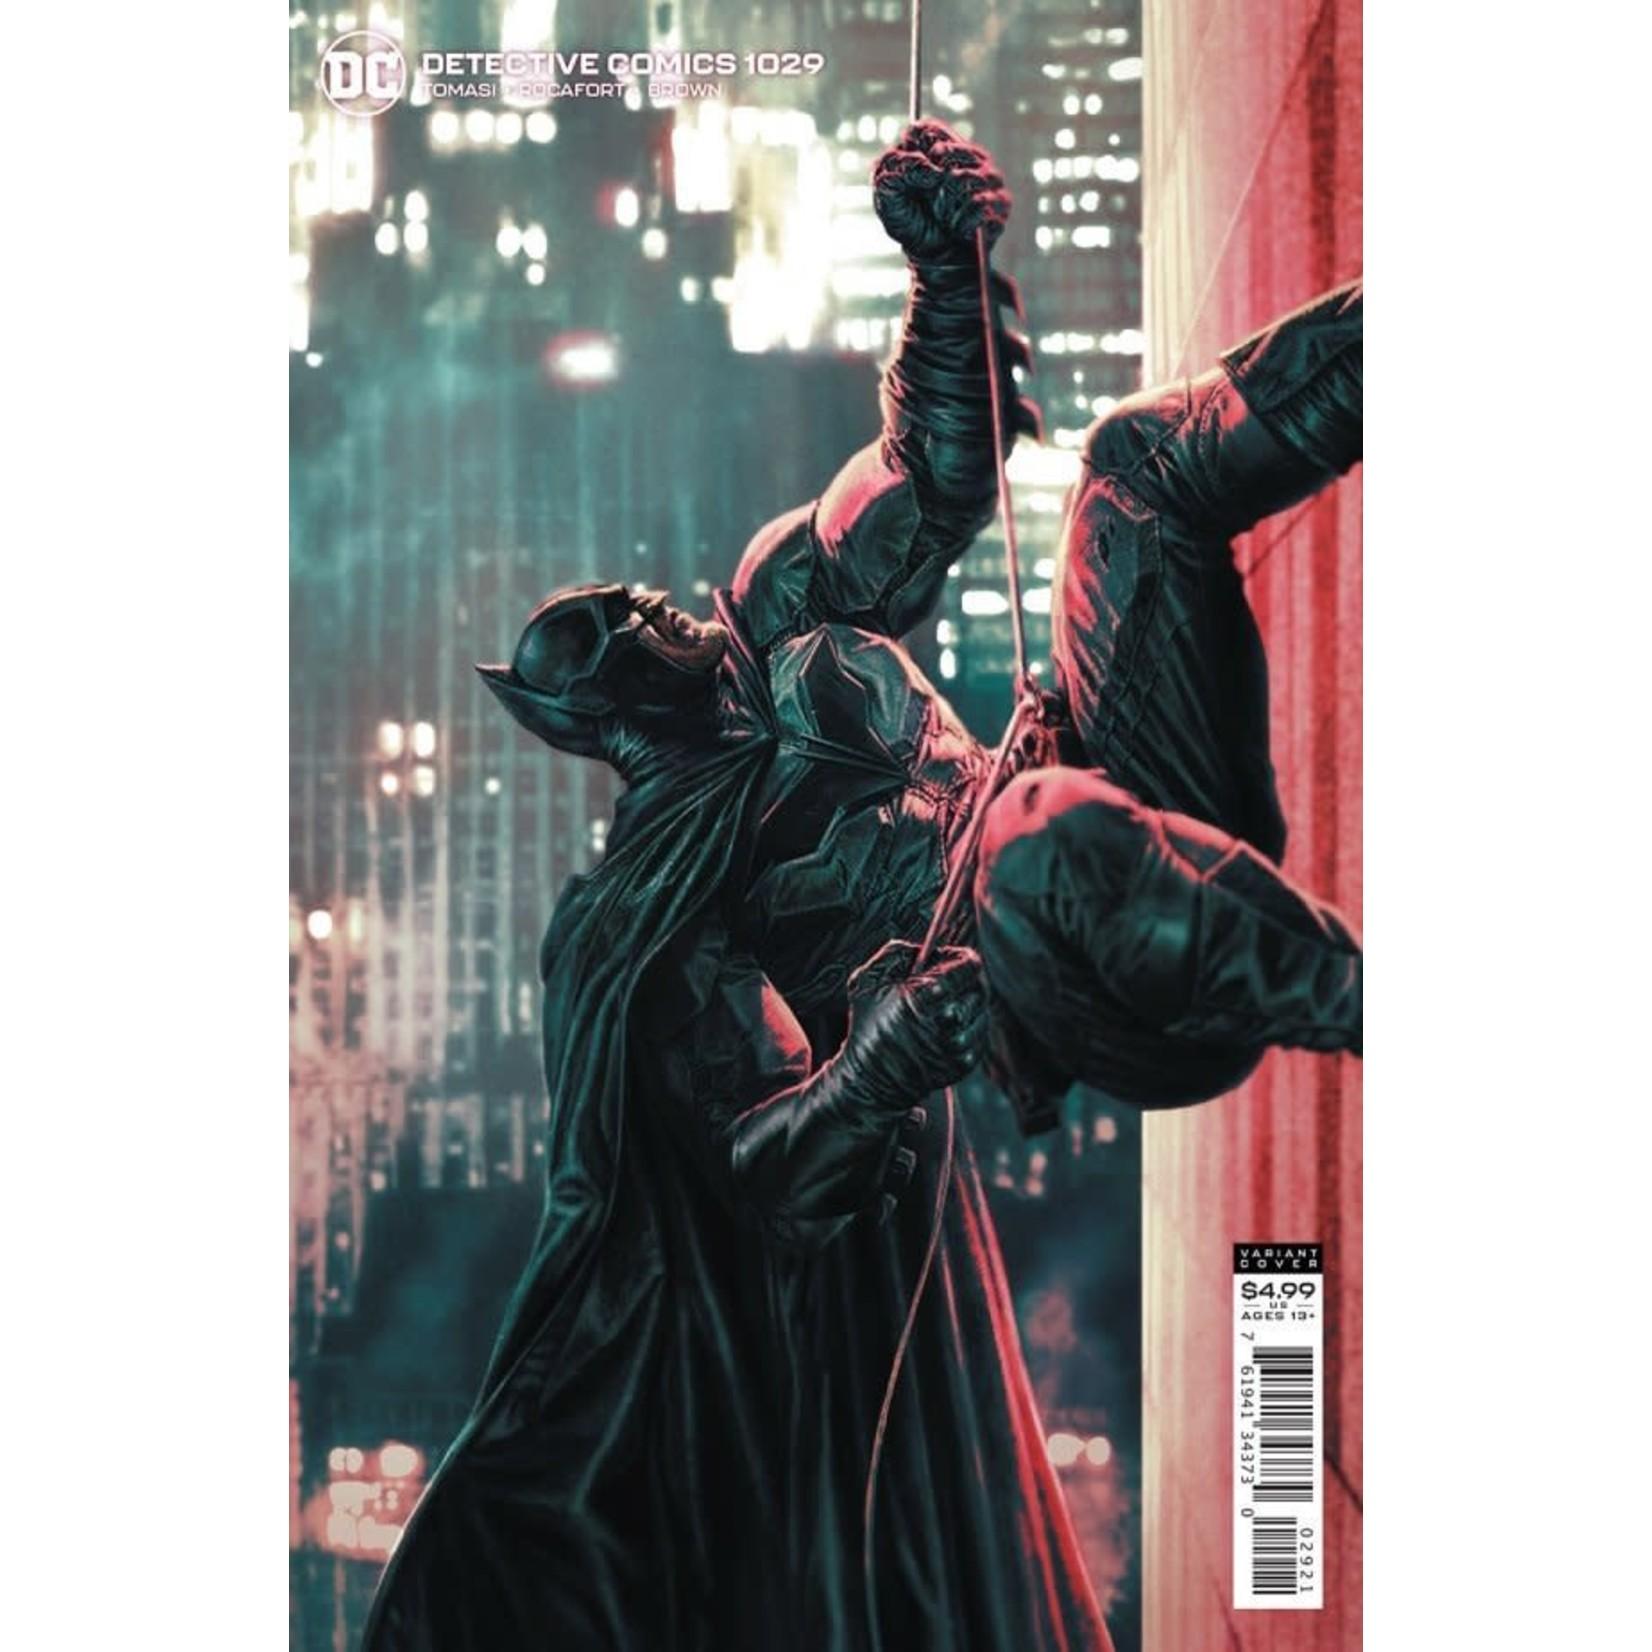 DC Comics Detective Comics #1029 Card Stock Variant Edition